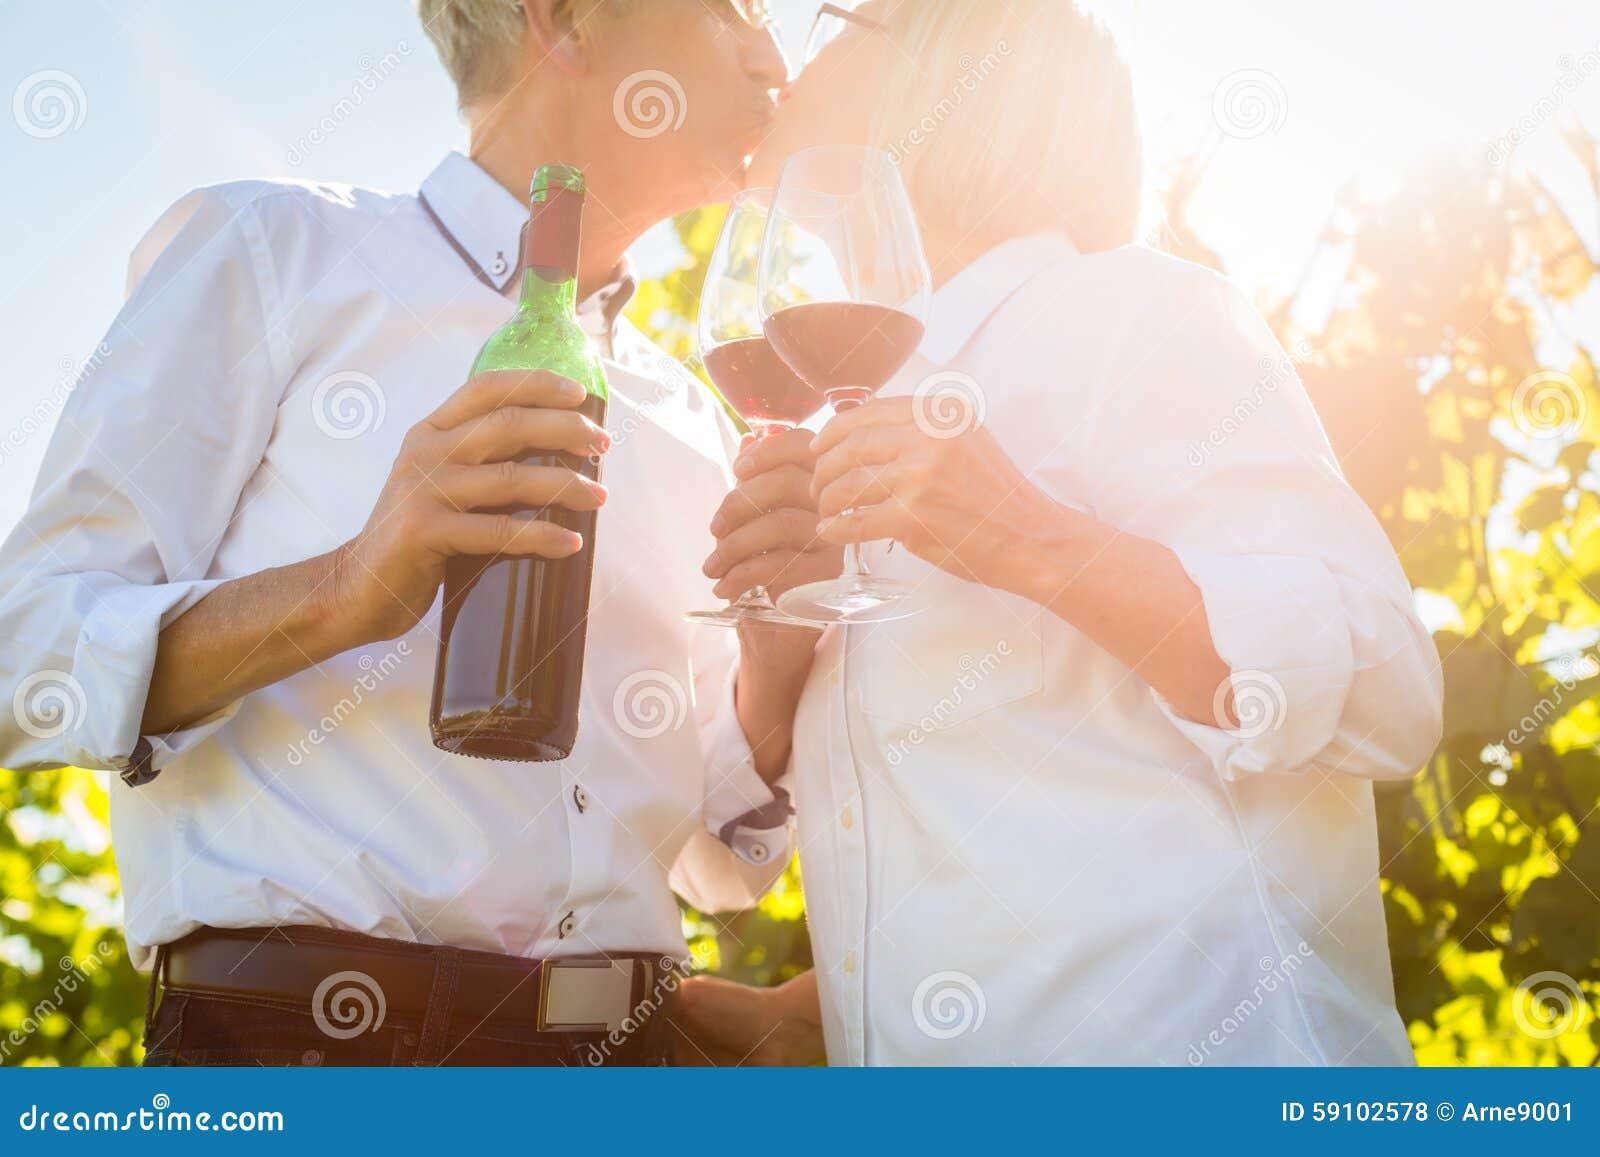 敬酒与酒杯的资深夫妇在葡萄园里